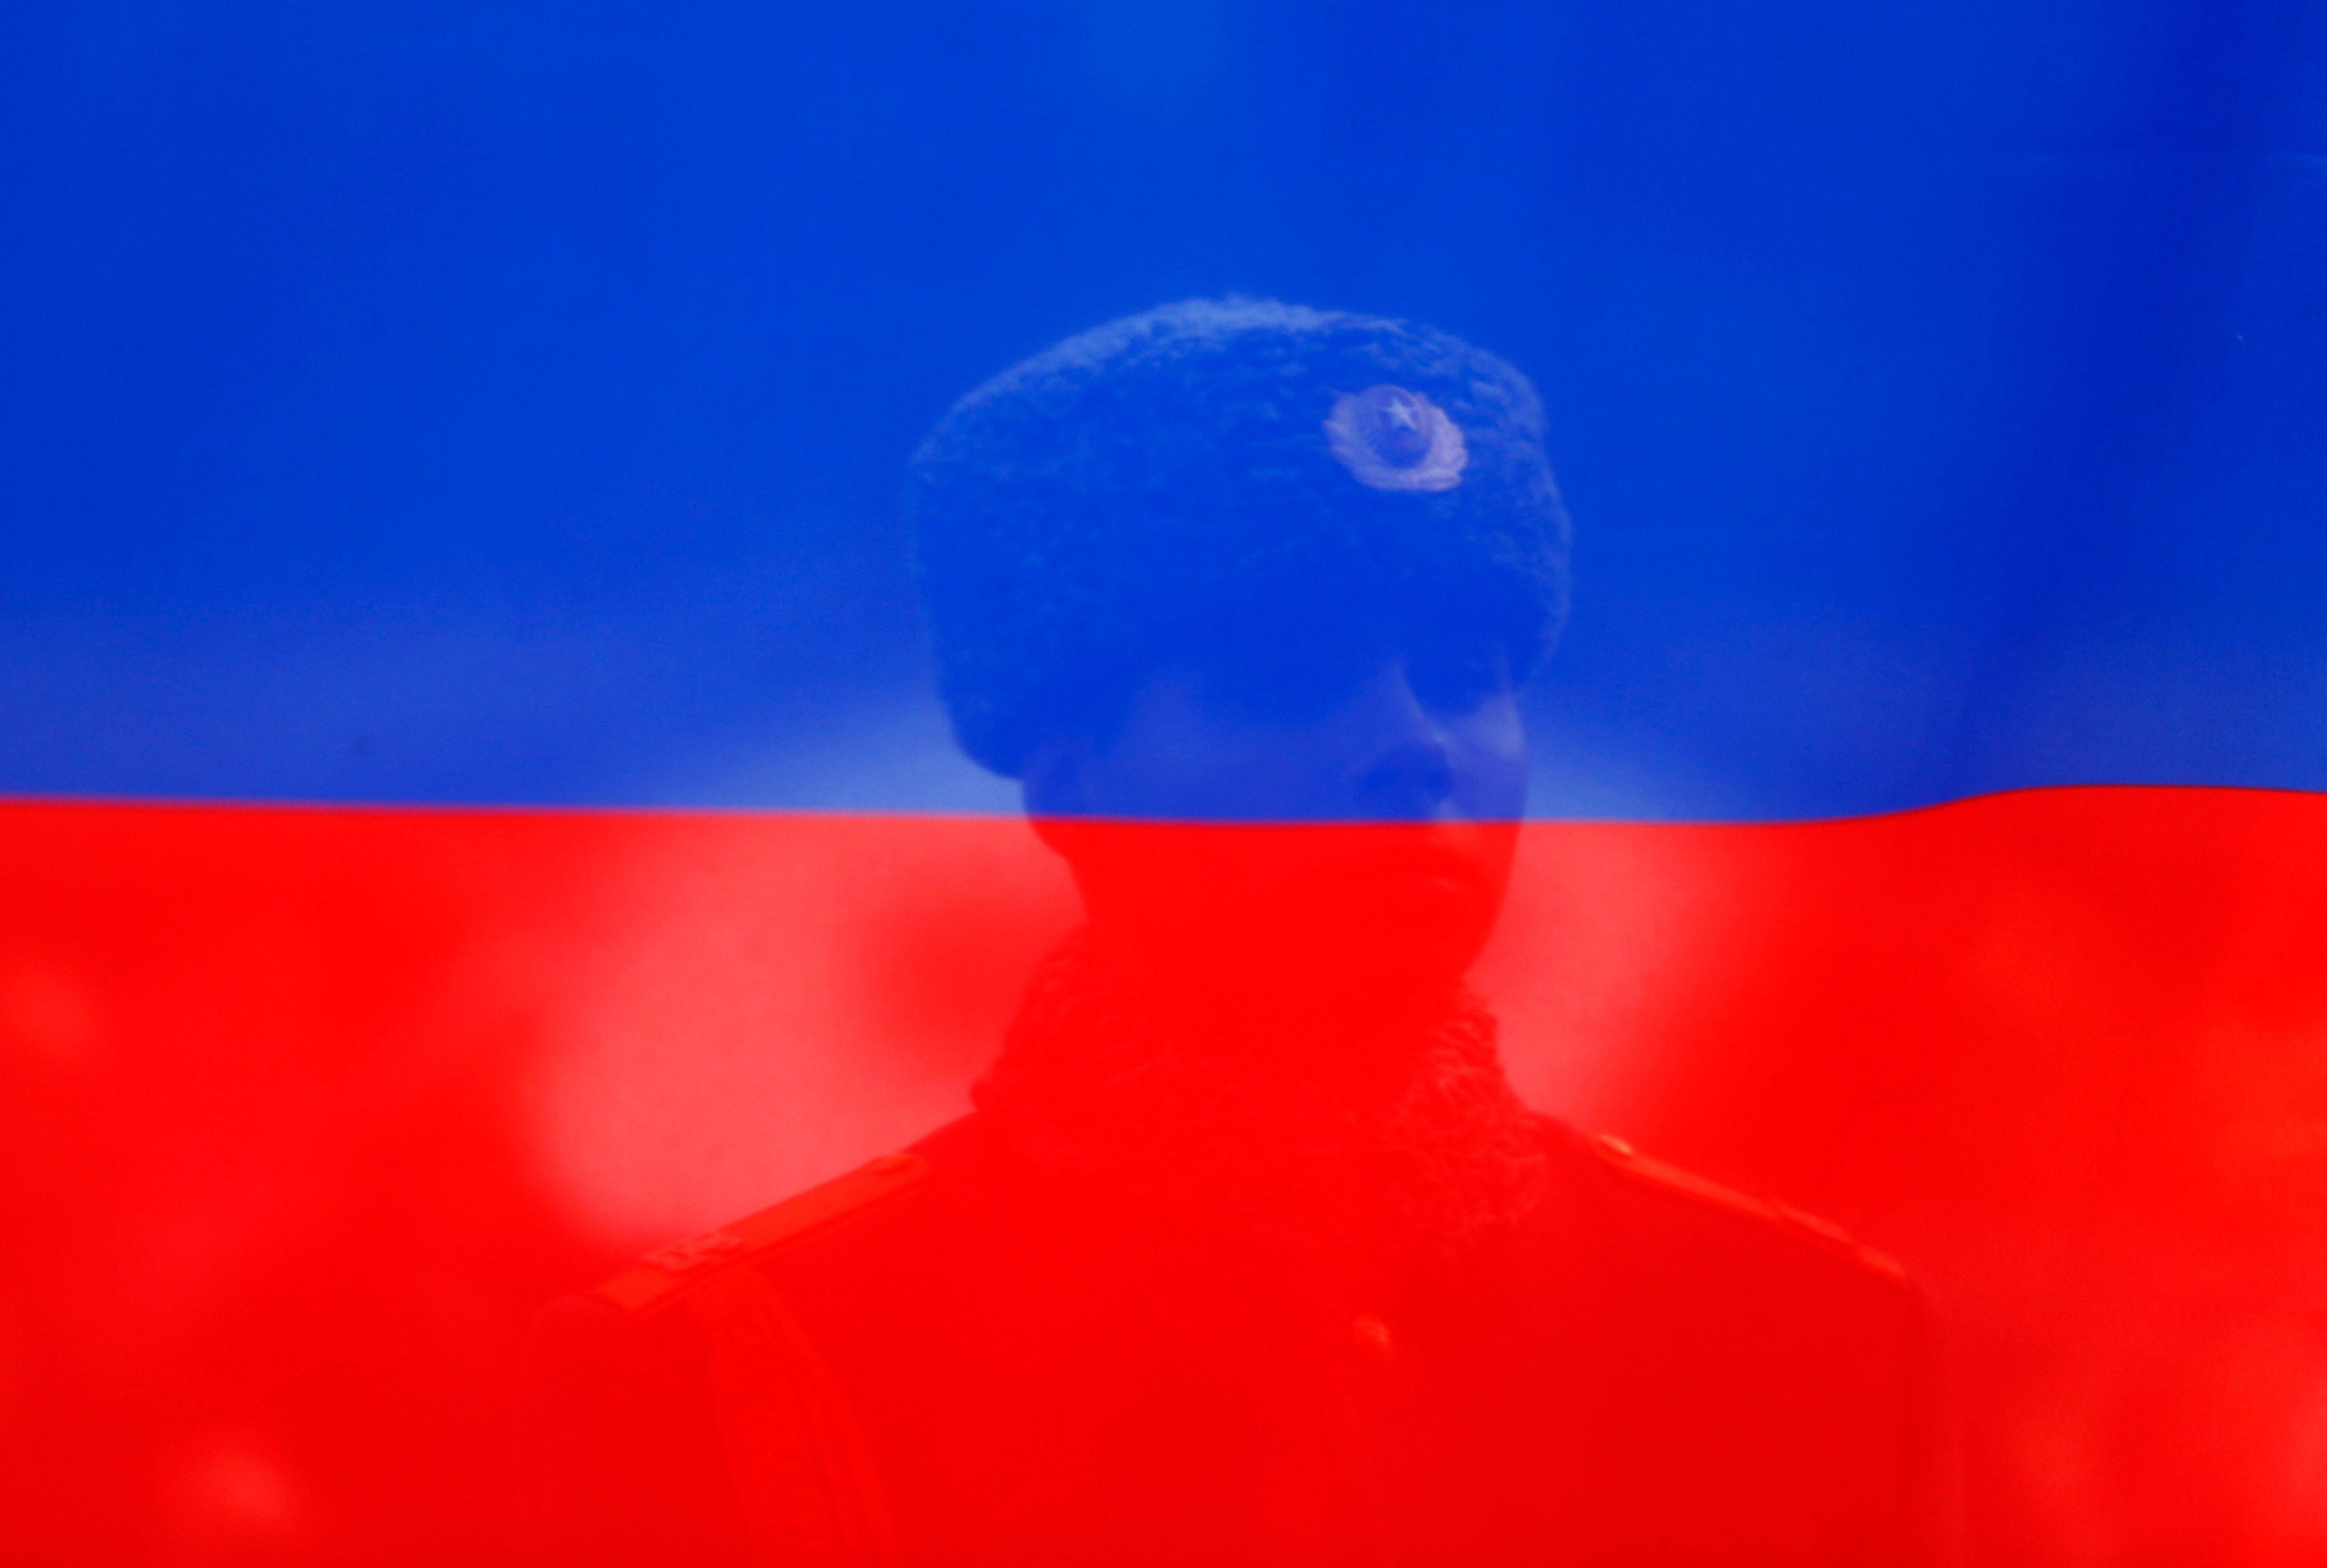 Photo d'illustration / Le drapeau russe avec un soldat russe derrière.